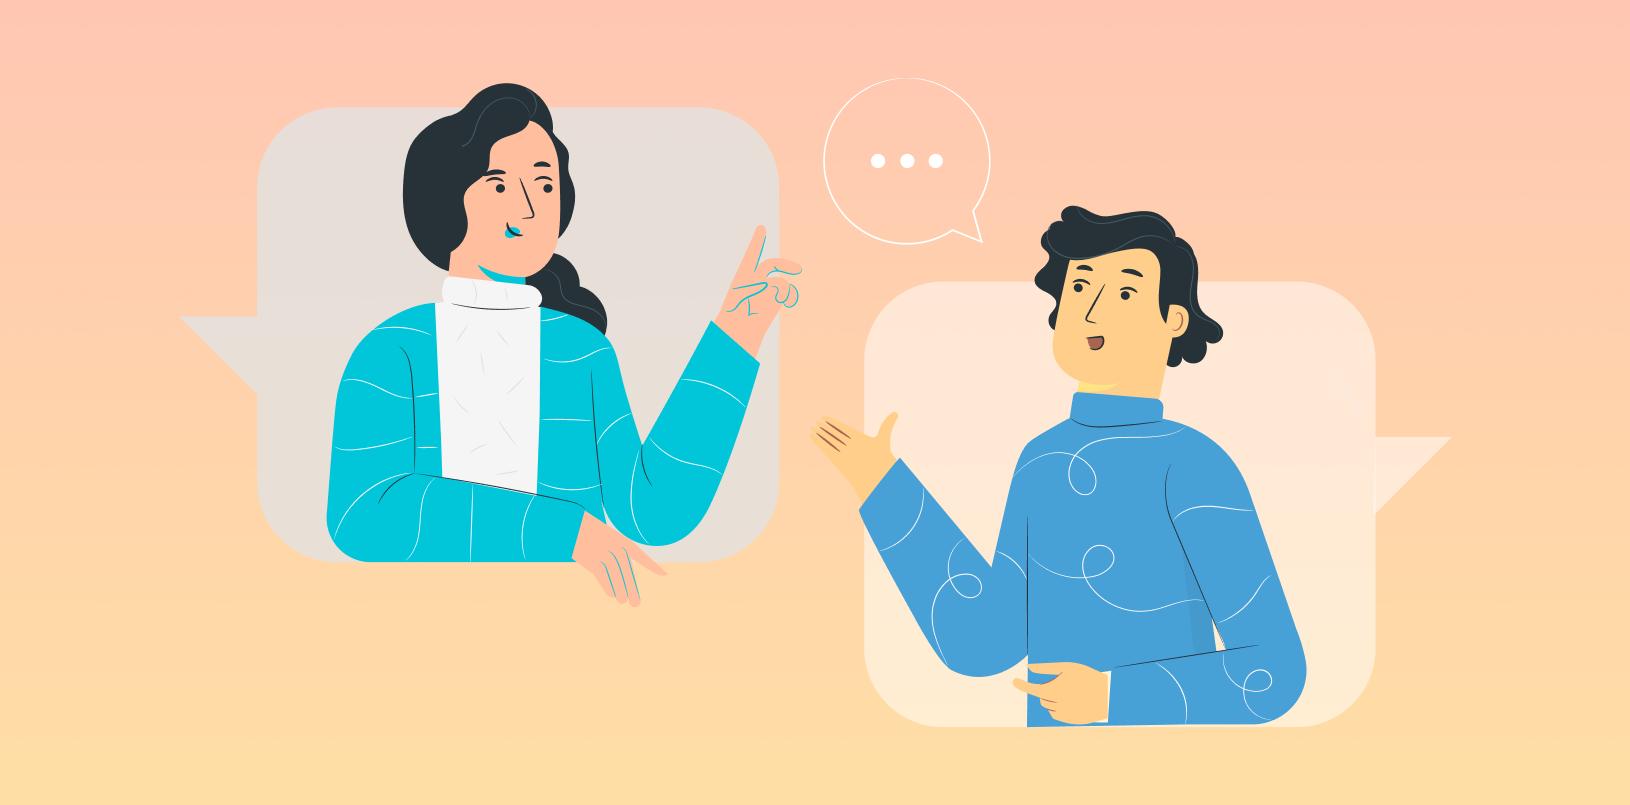 金字塔原理在职场沟通中的场景应用